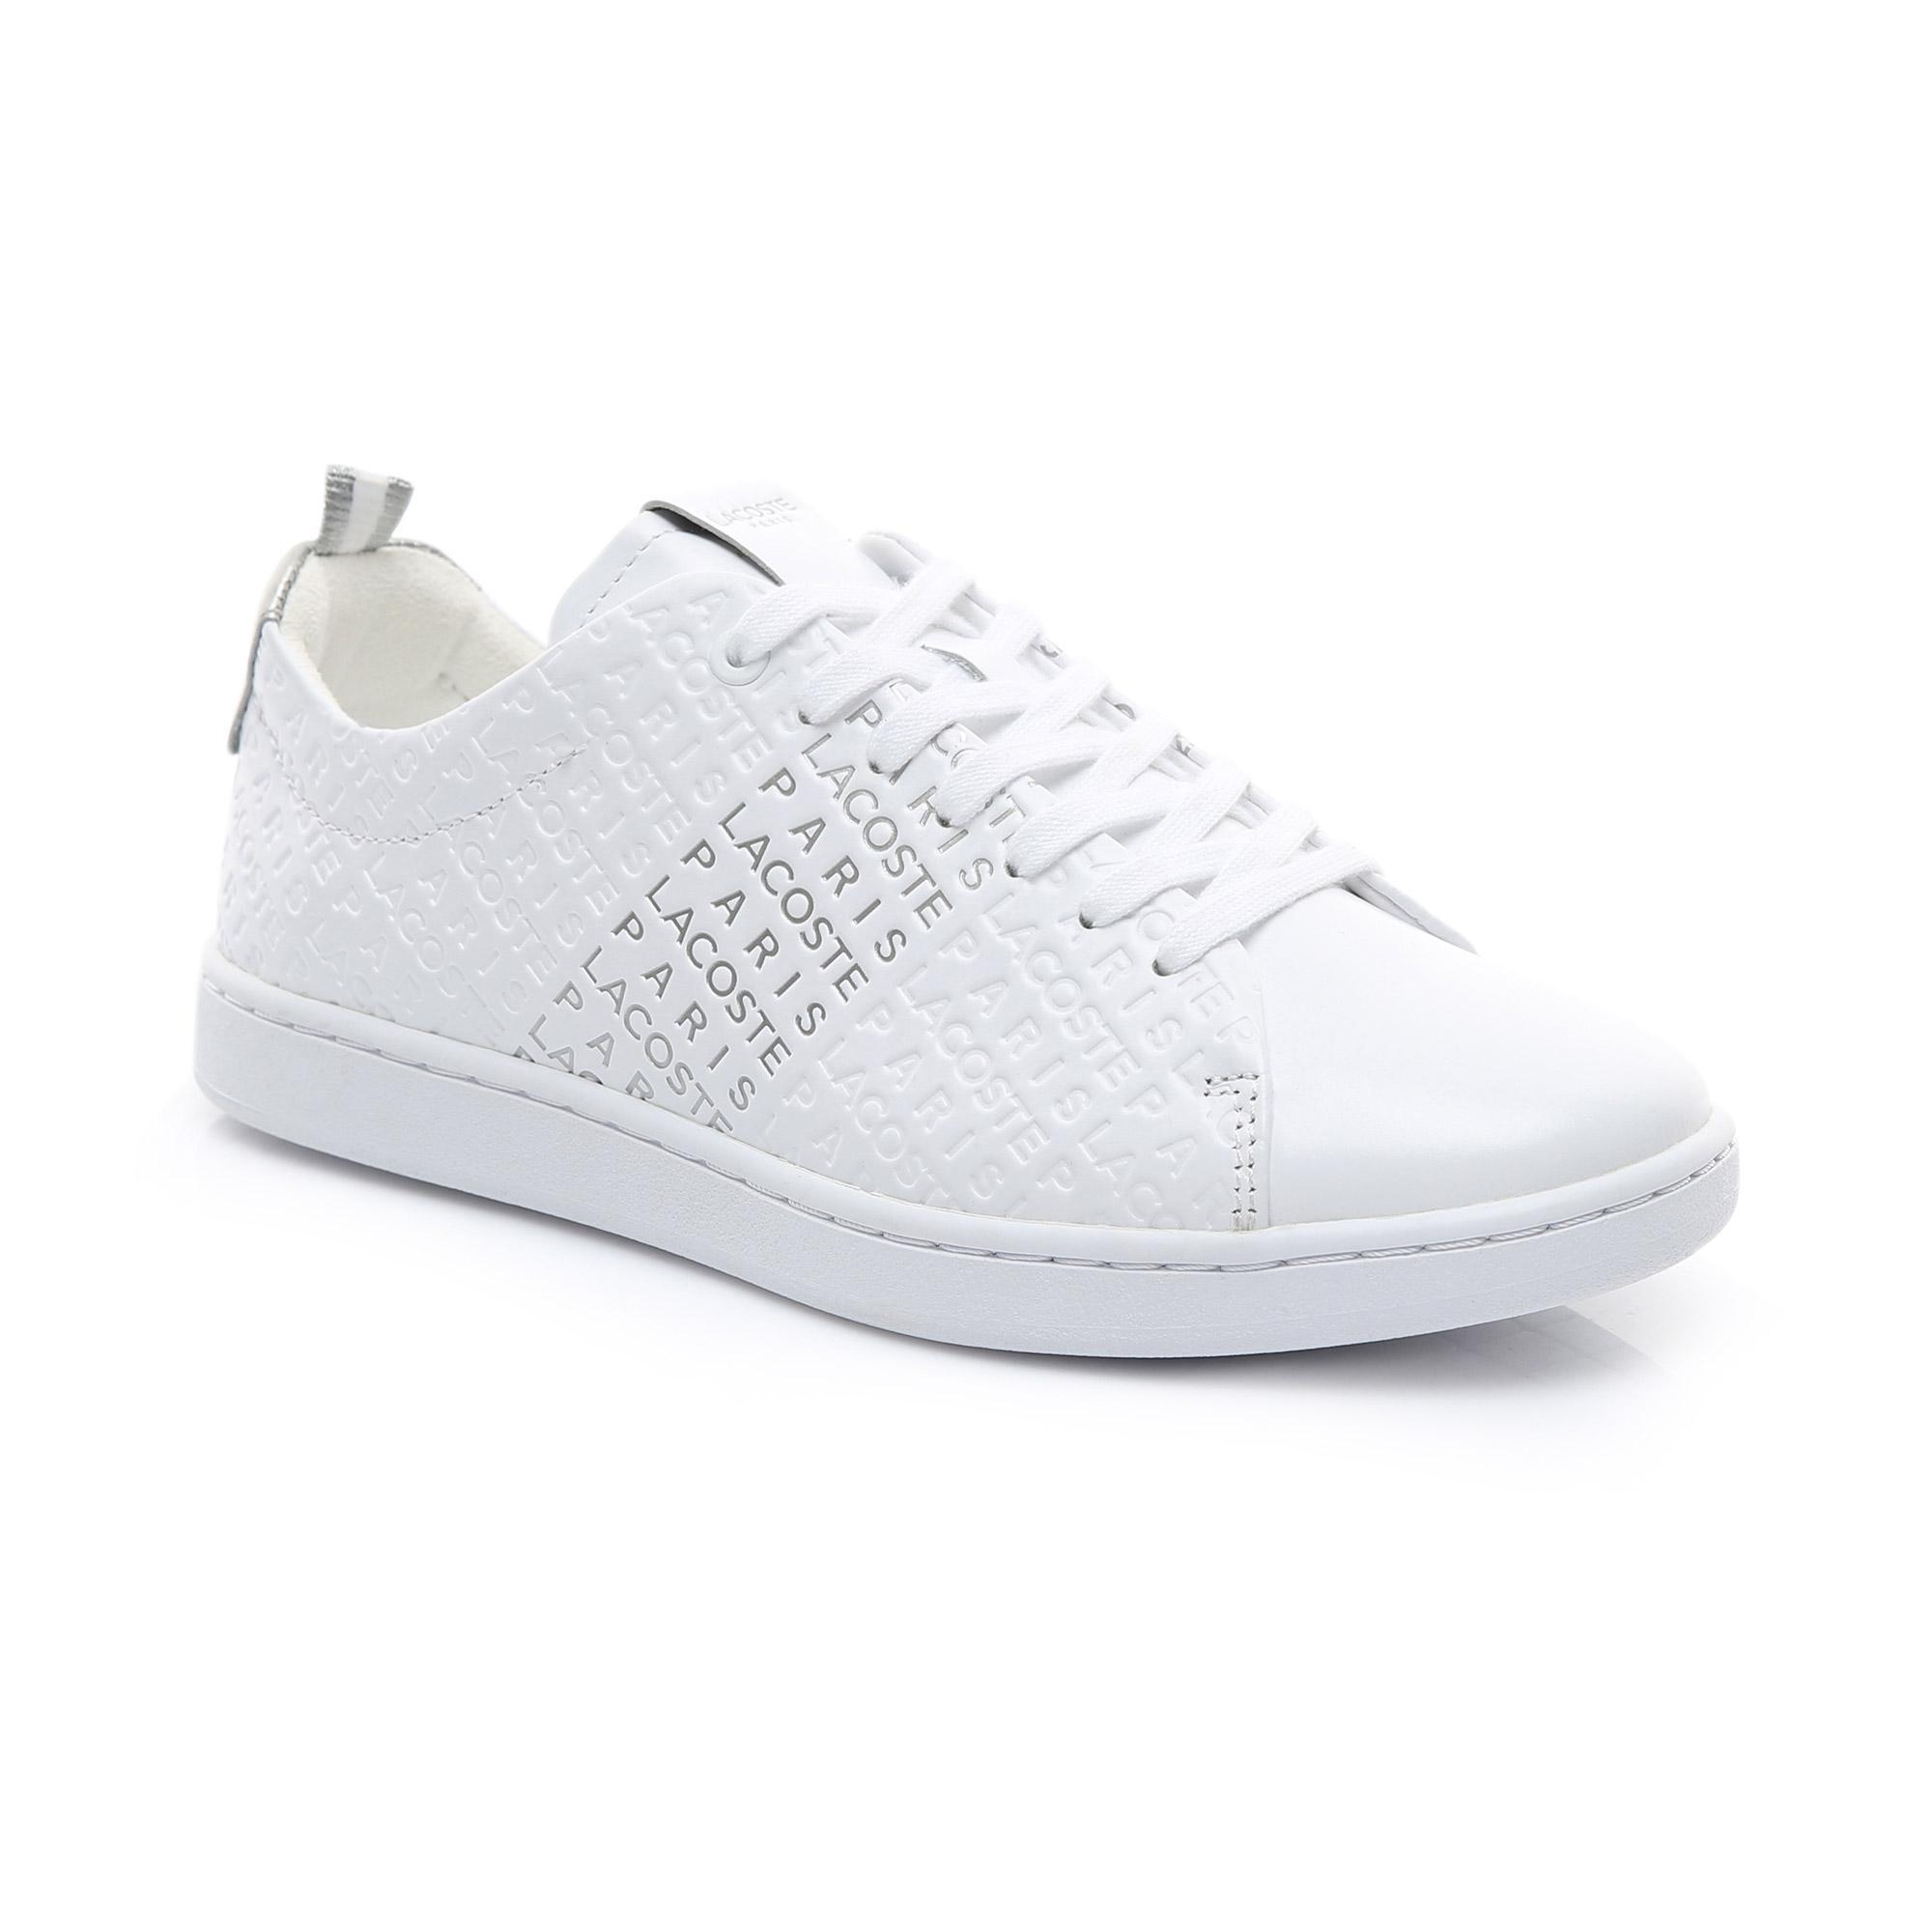 Gümüş Carnaby Evo 119 9 Us Sneaker